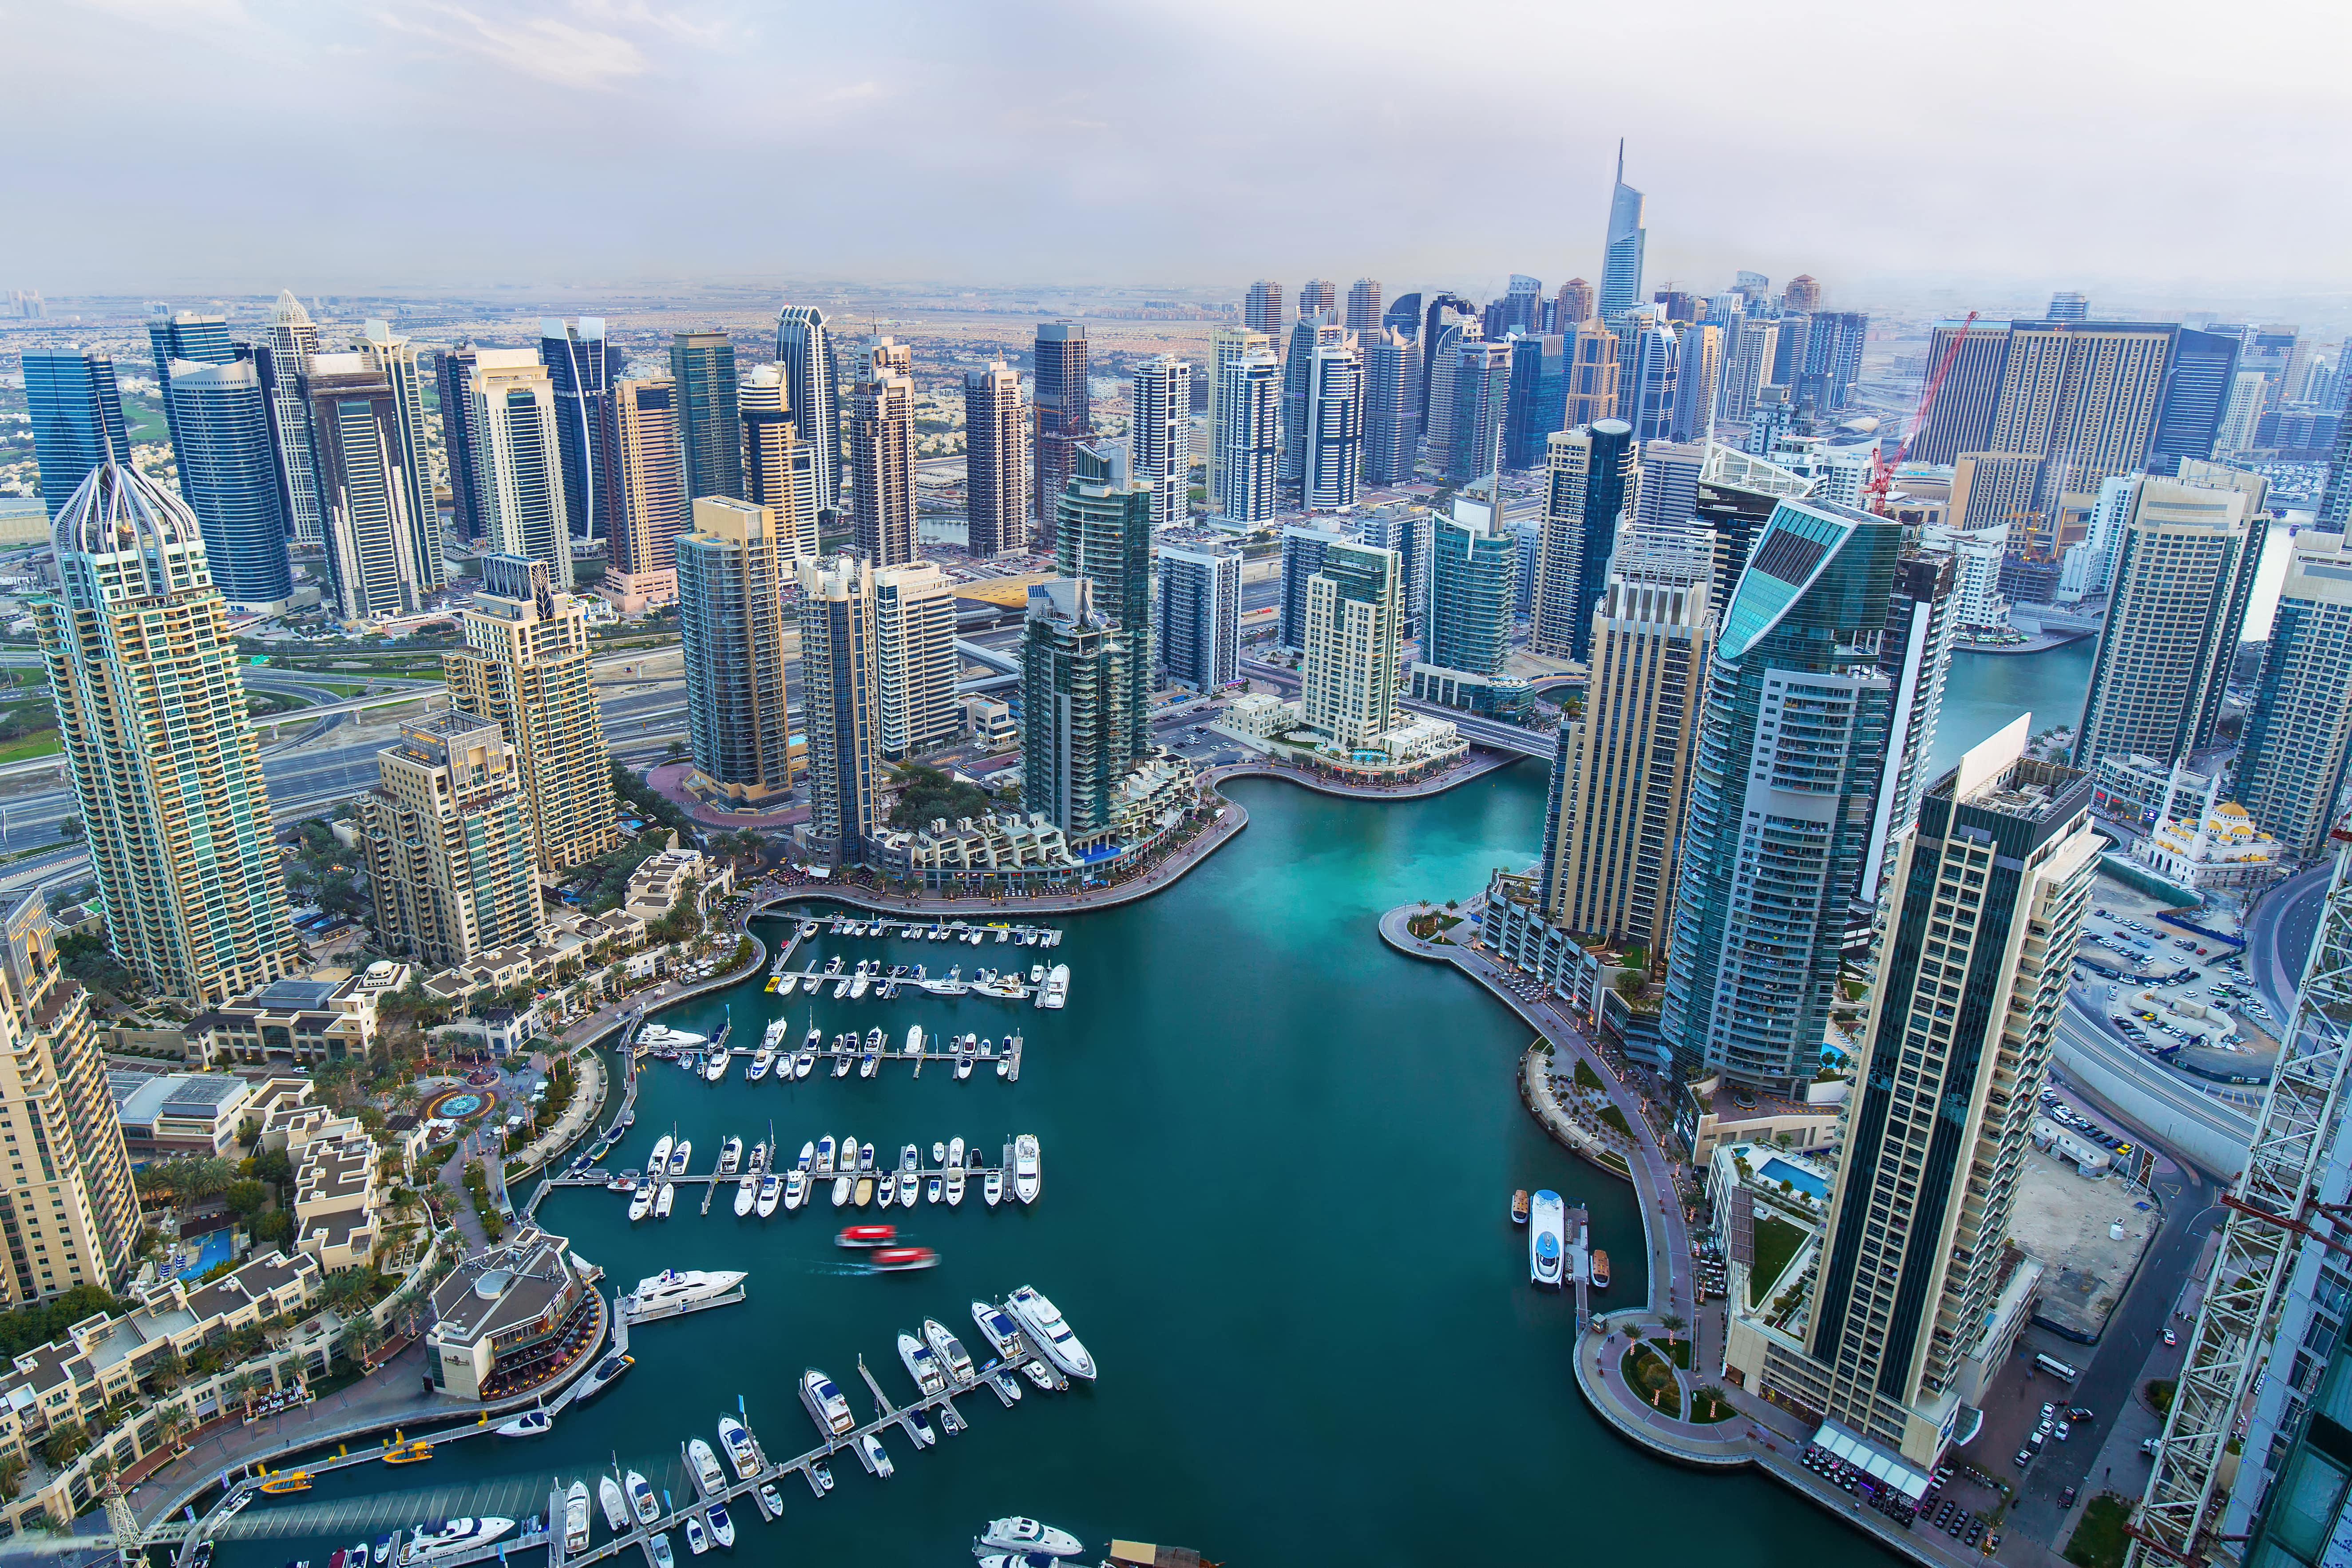 Город Дубай в ОАЭ, где могут устроиться на работу иностранцы